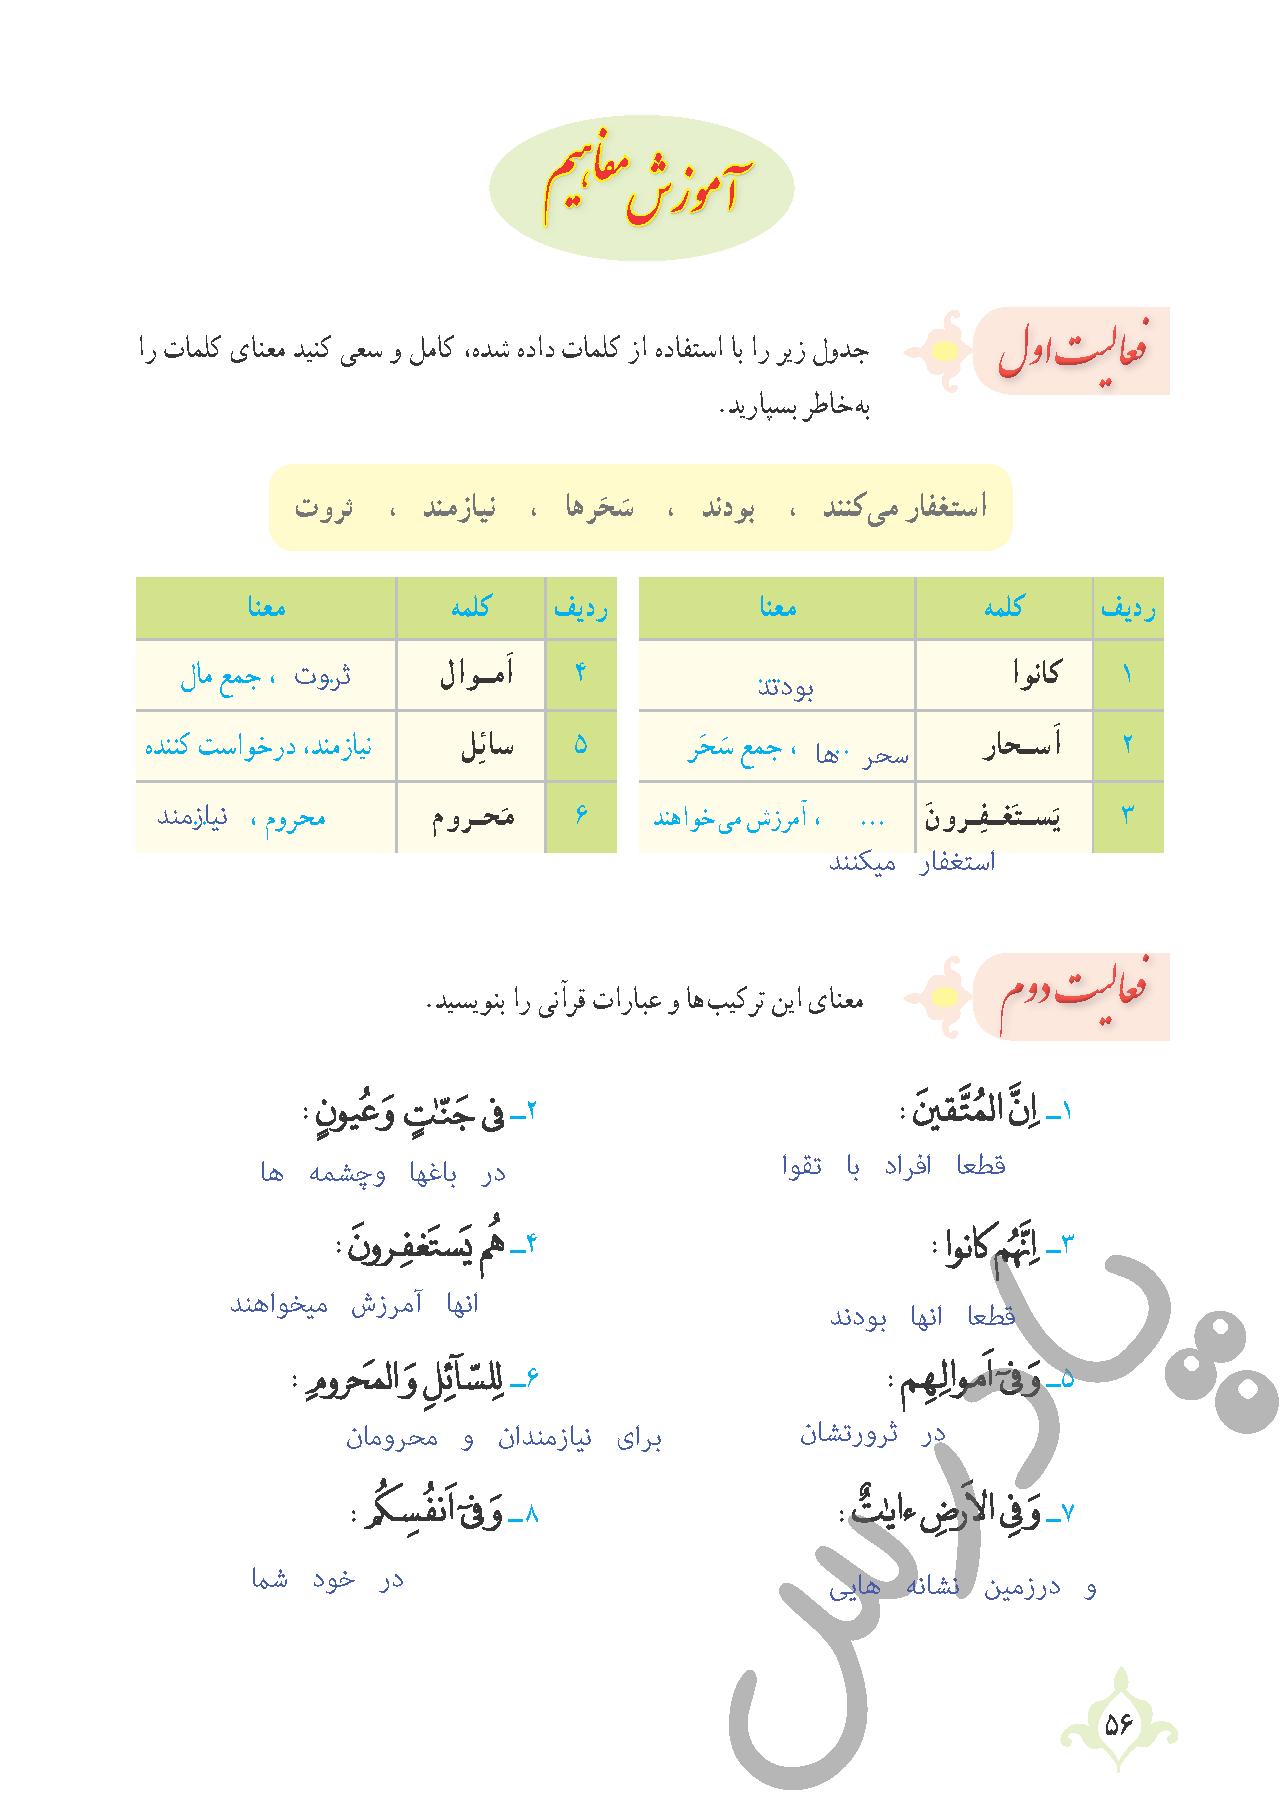 پاسخ فعالیت درس 5 قرآن نهم - جلسه اول